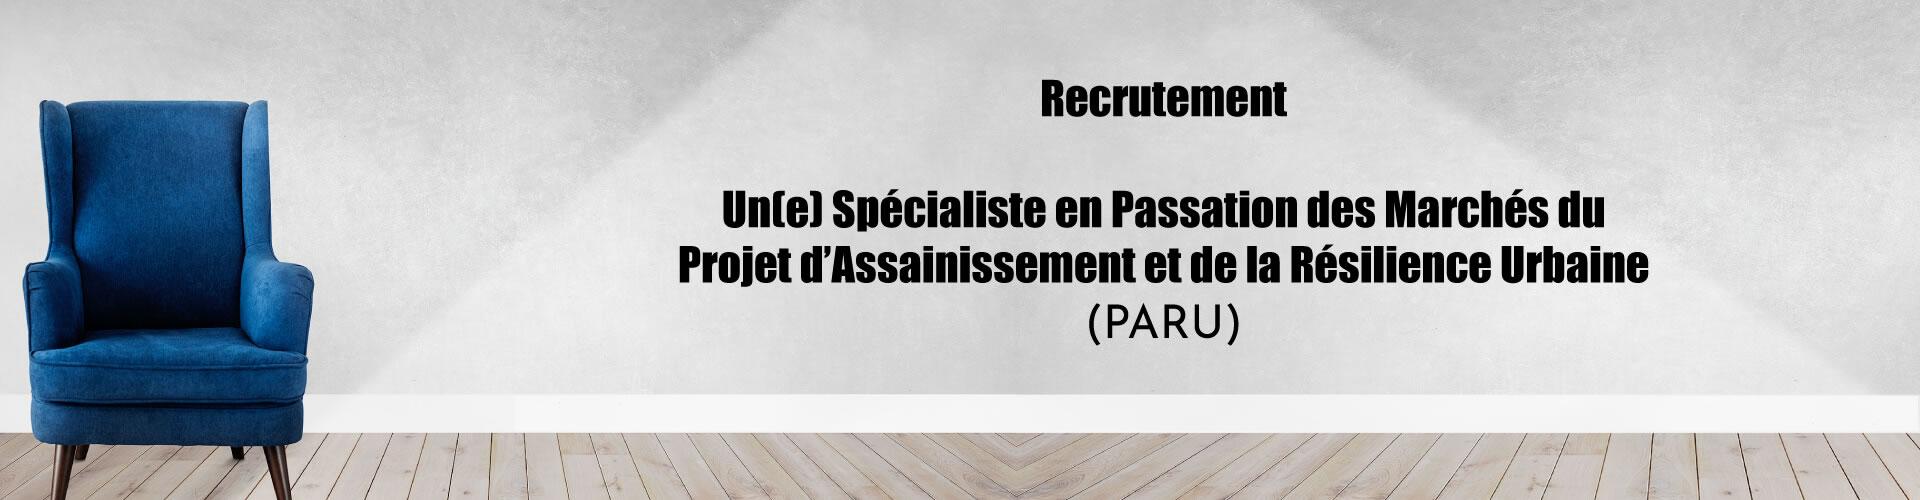 RecuSpecialistePassationMarche-3